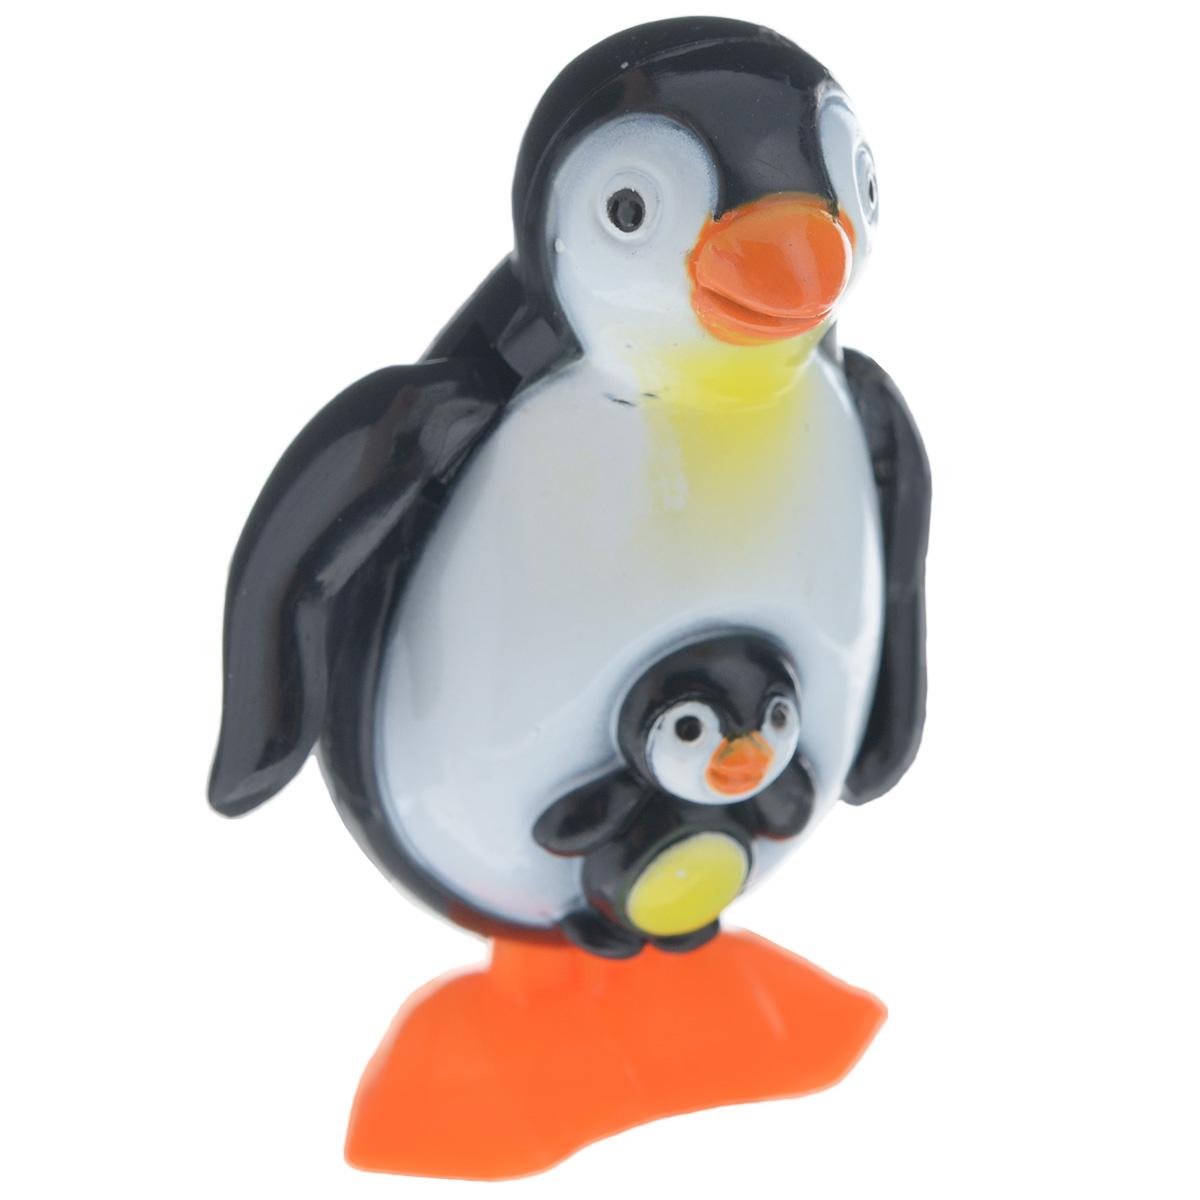 Hans Заводная игрушка Пингвин мягкая игрушка пингвин tux купить